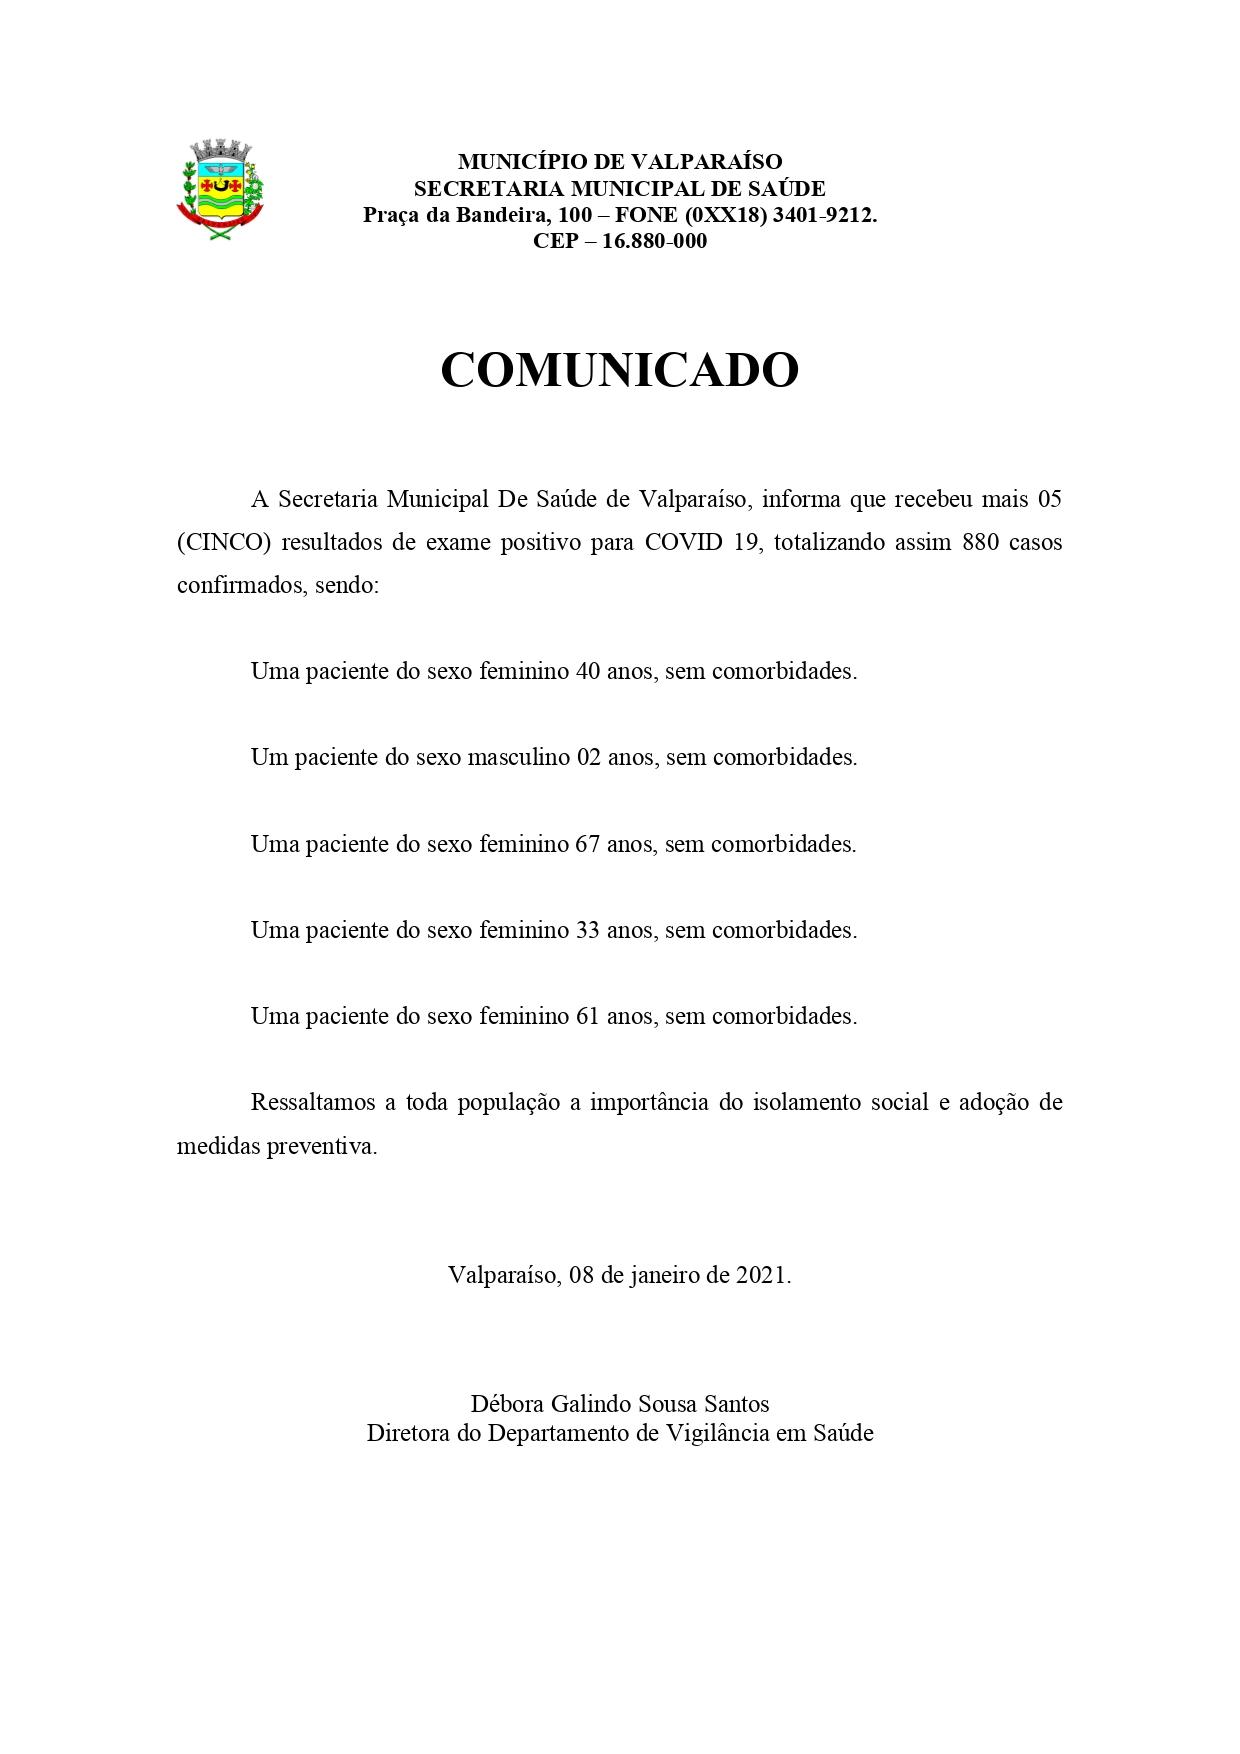 covid880